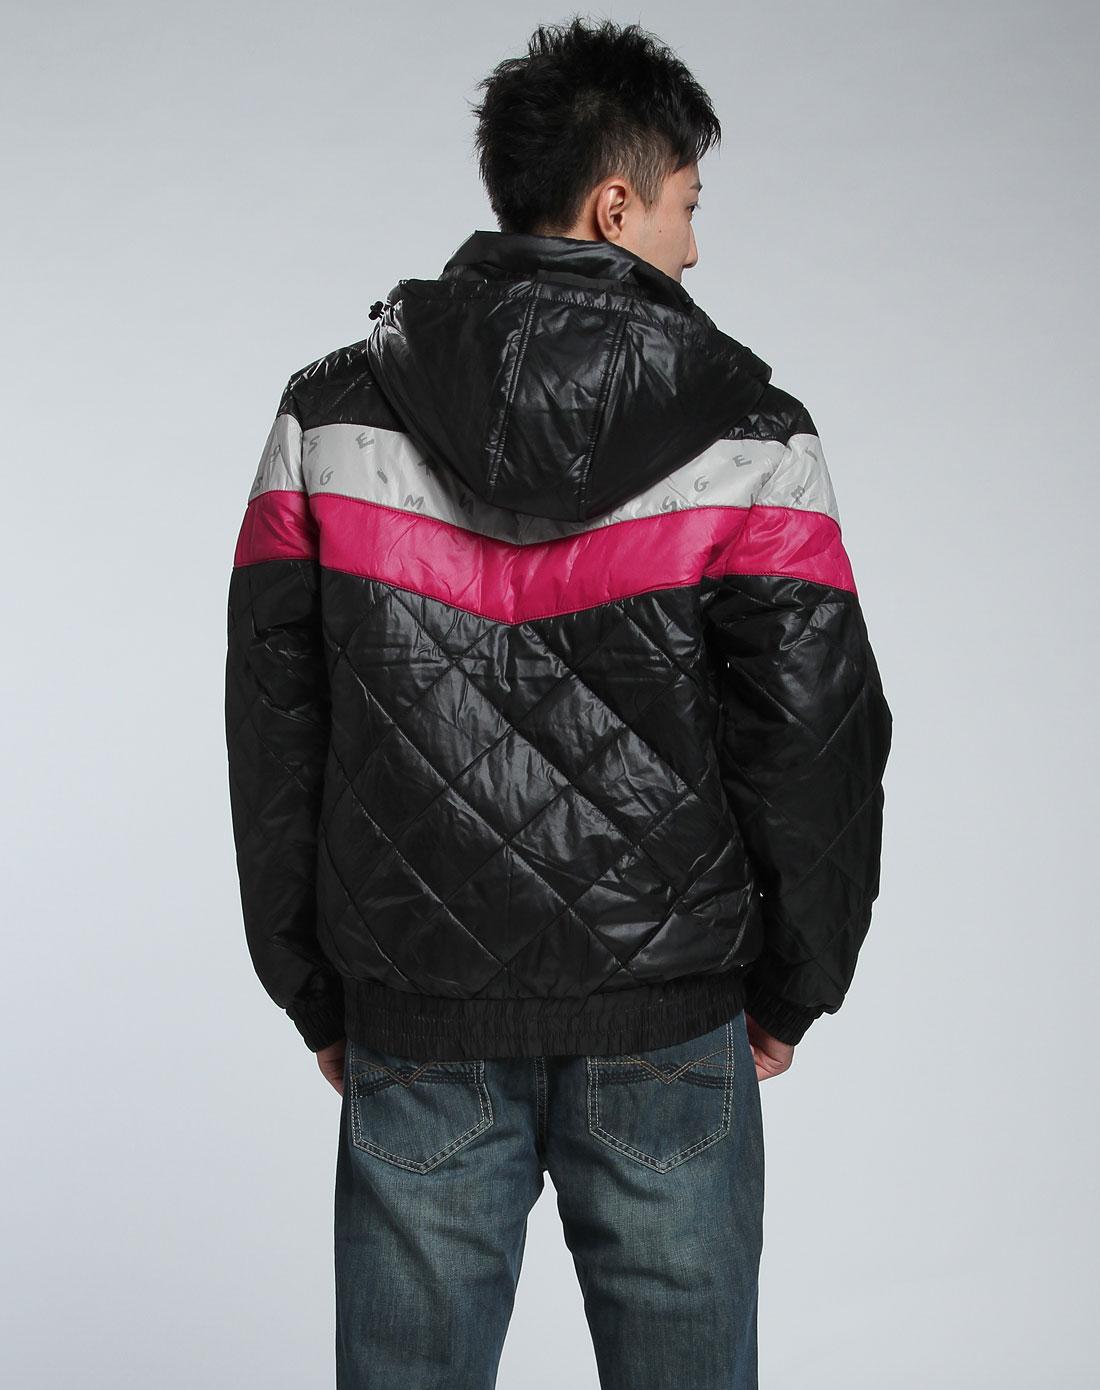 森马-男装男款黑色棉服图片